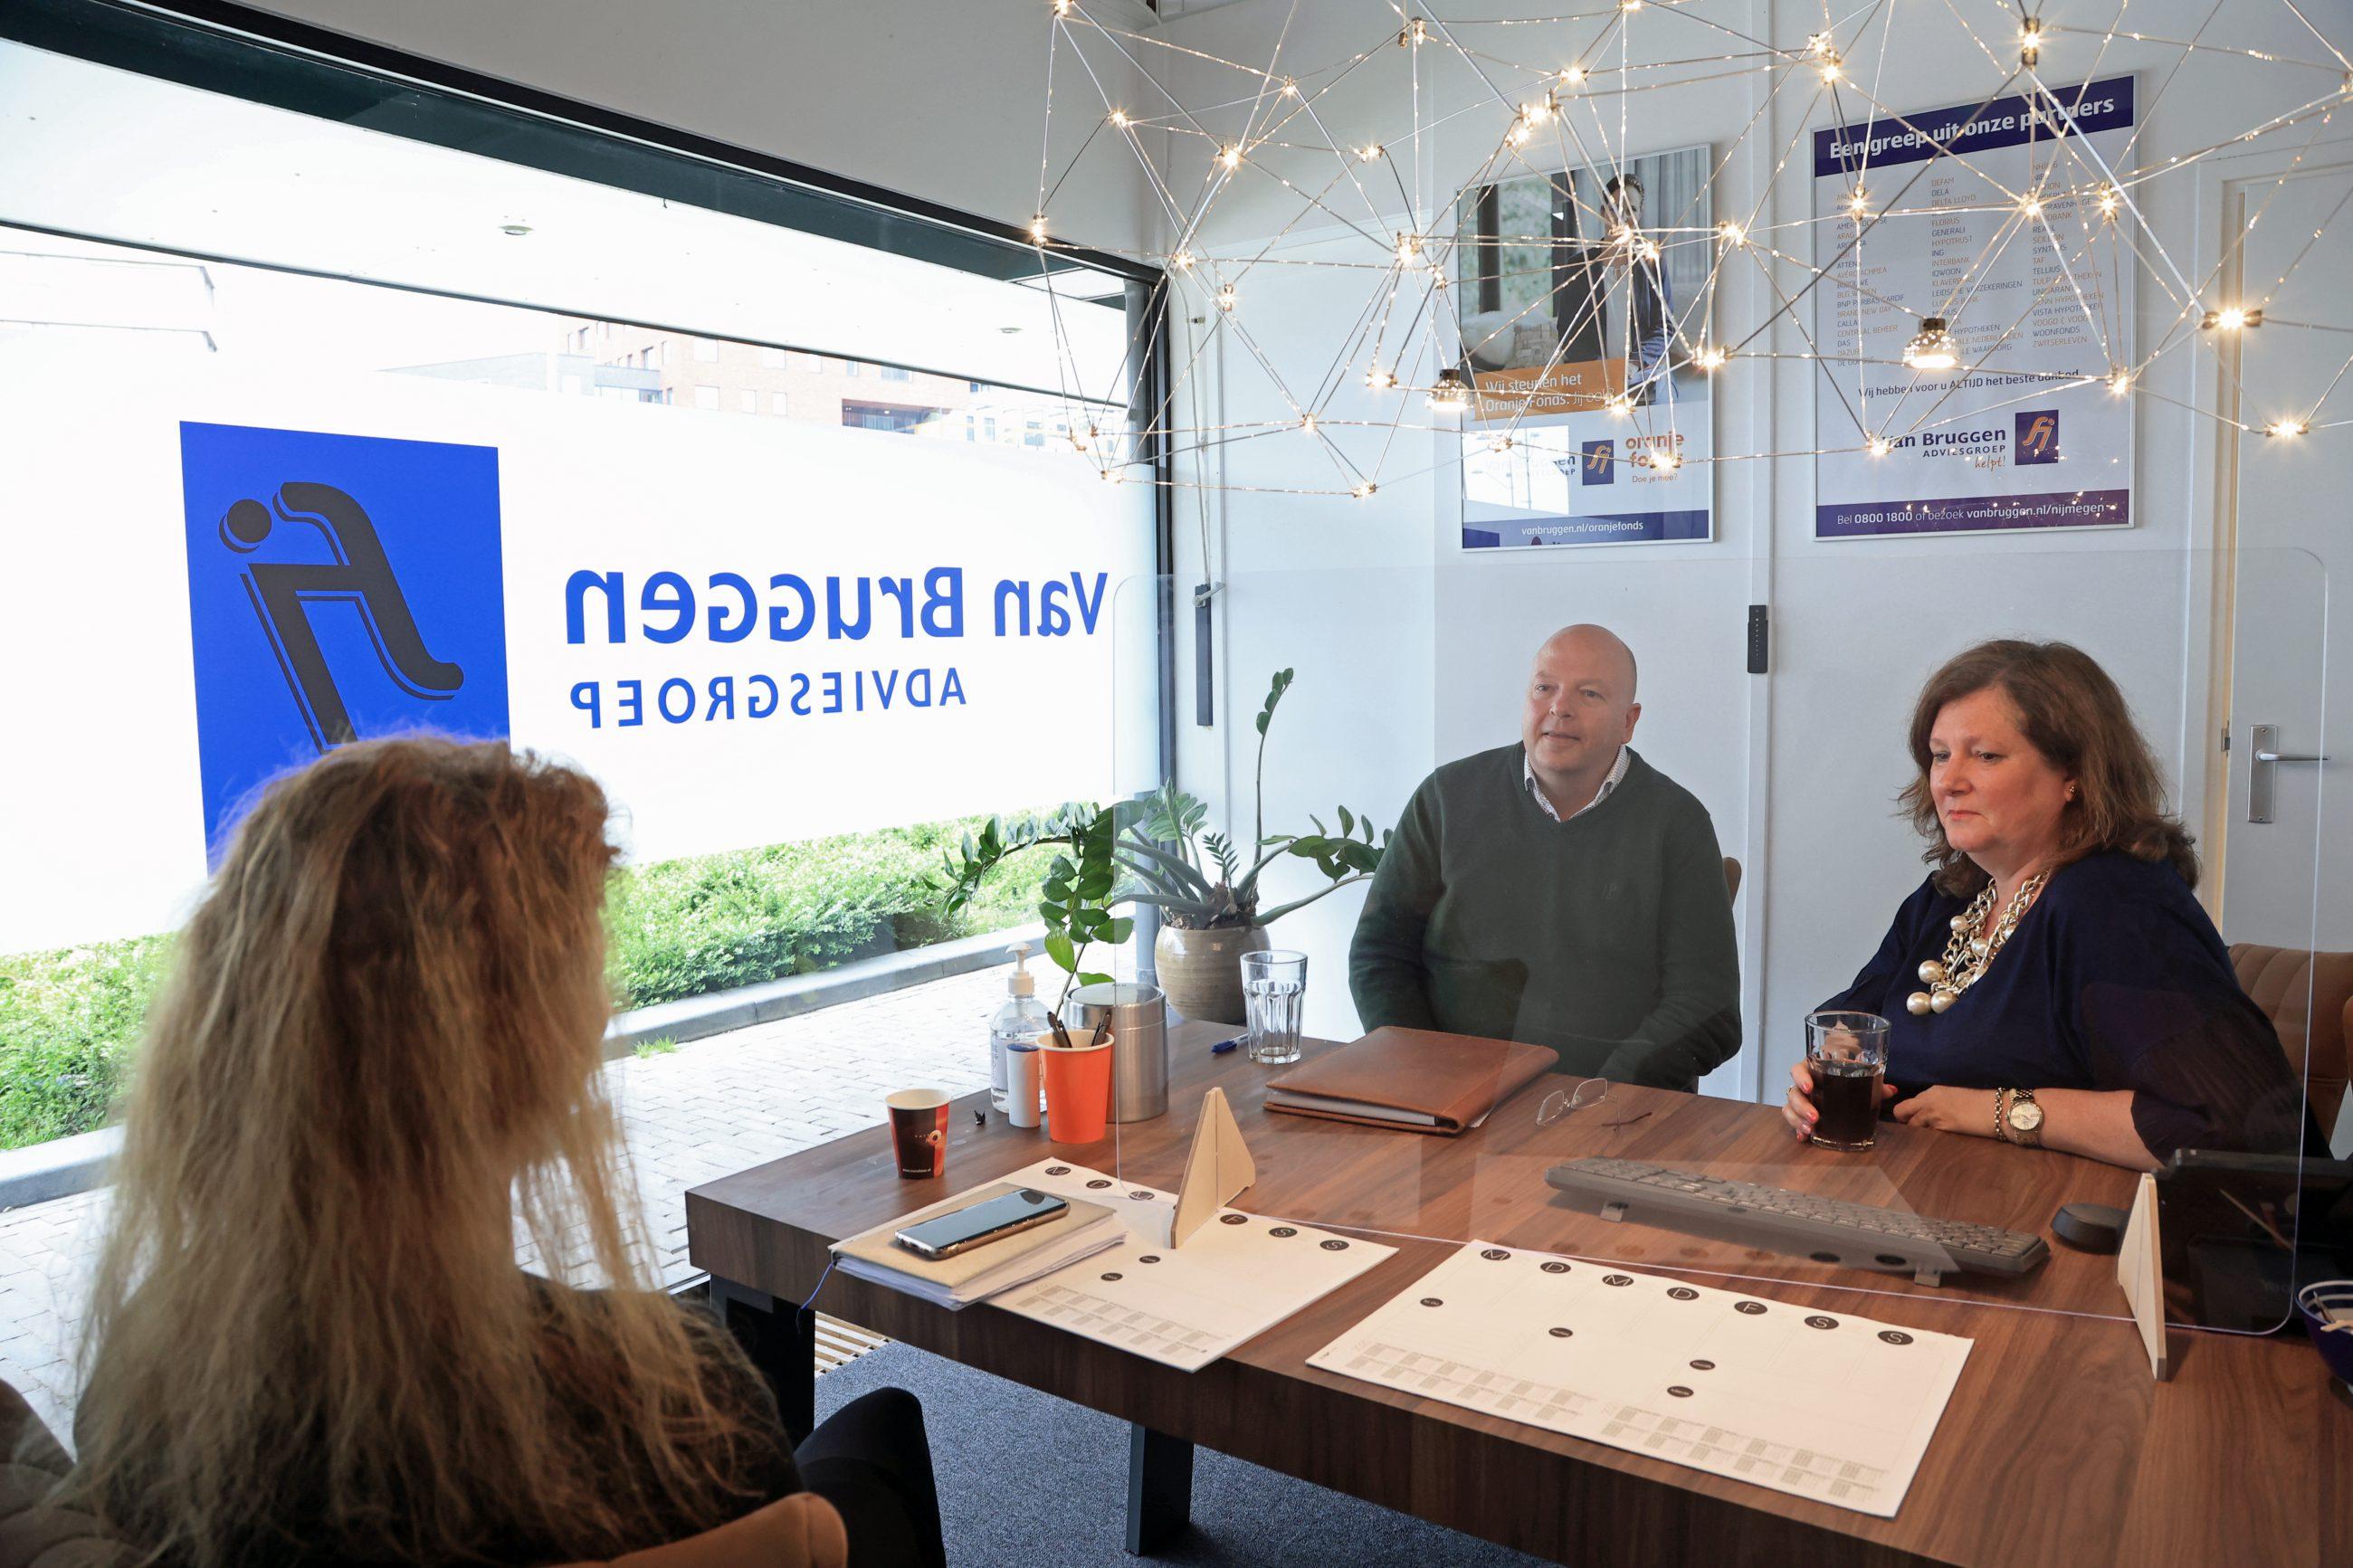 Van Bruggen Adviesgroep kijkt terug op het eerste jaar in Nijmegen.